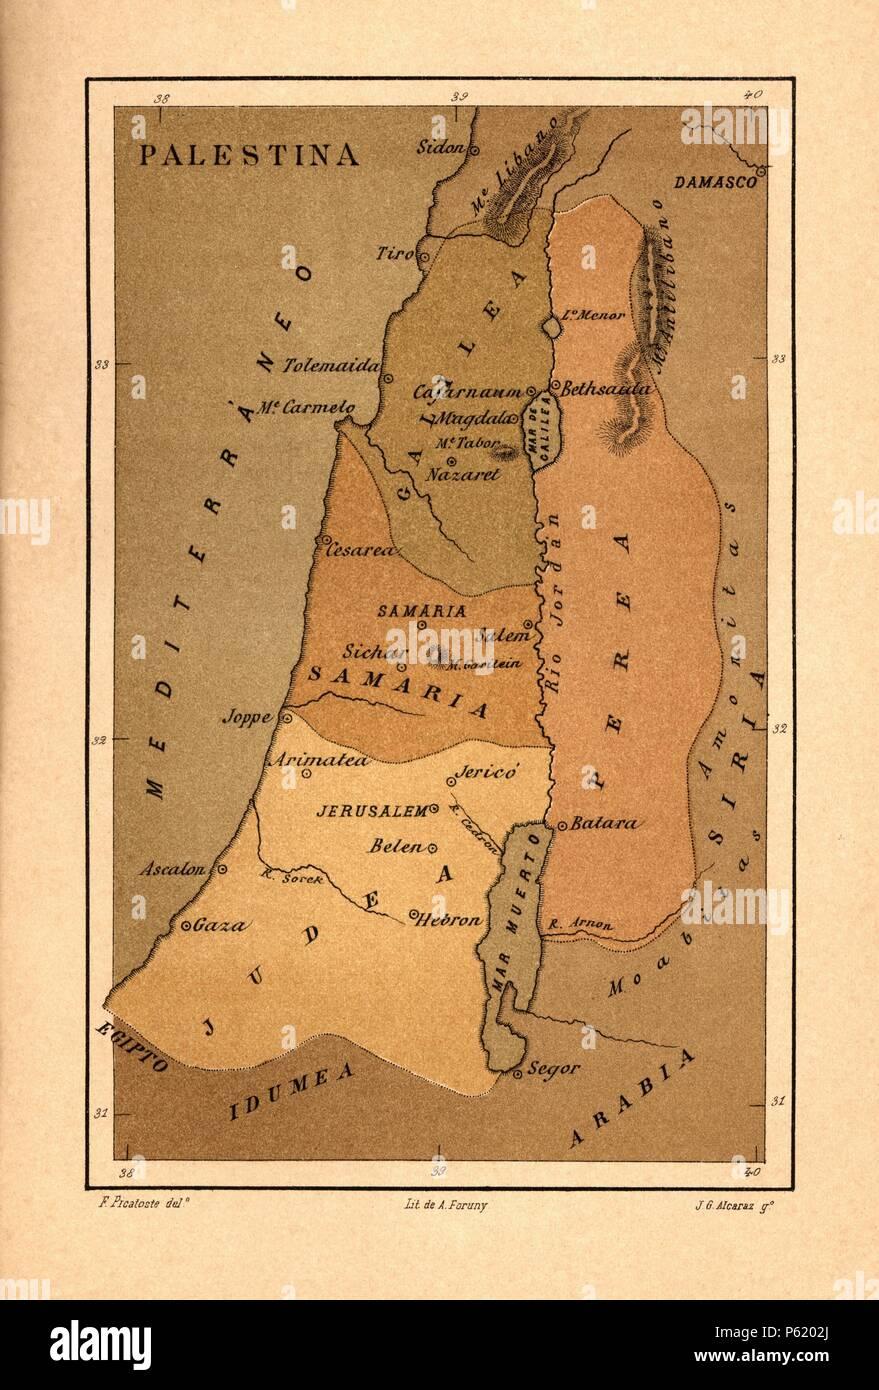 Mapa de Palestina publicado en el libro Historia Universal, de Felipe Picatoste. Madrid, 1890. - Stock Image